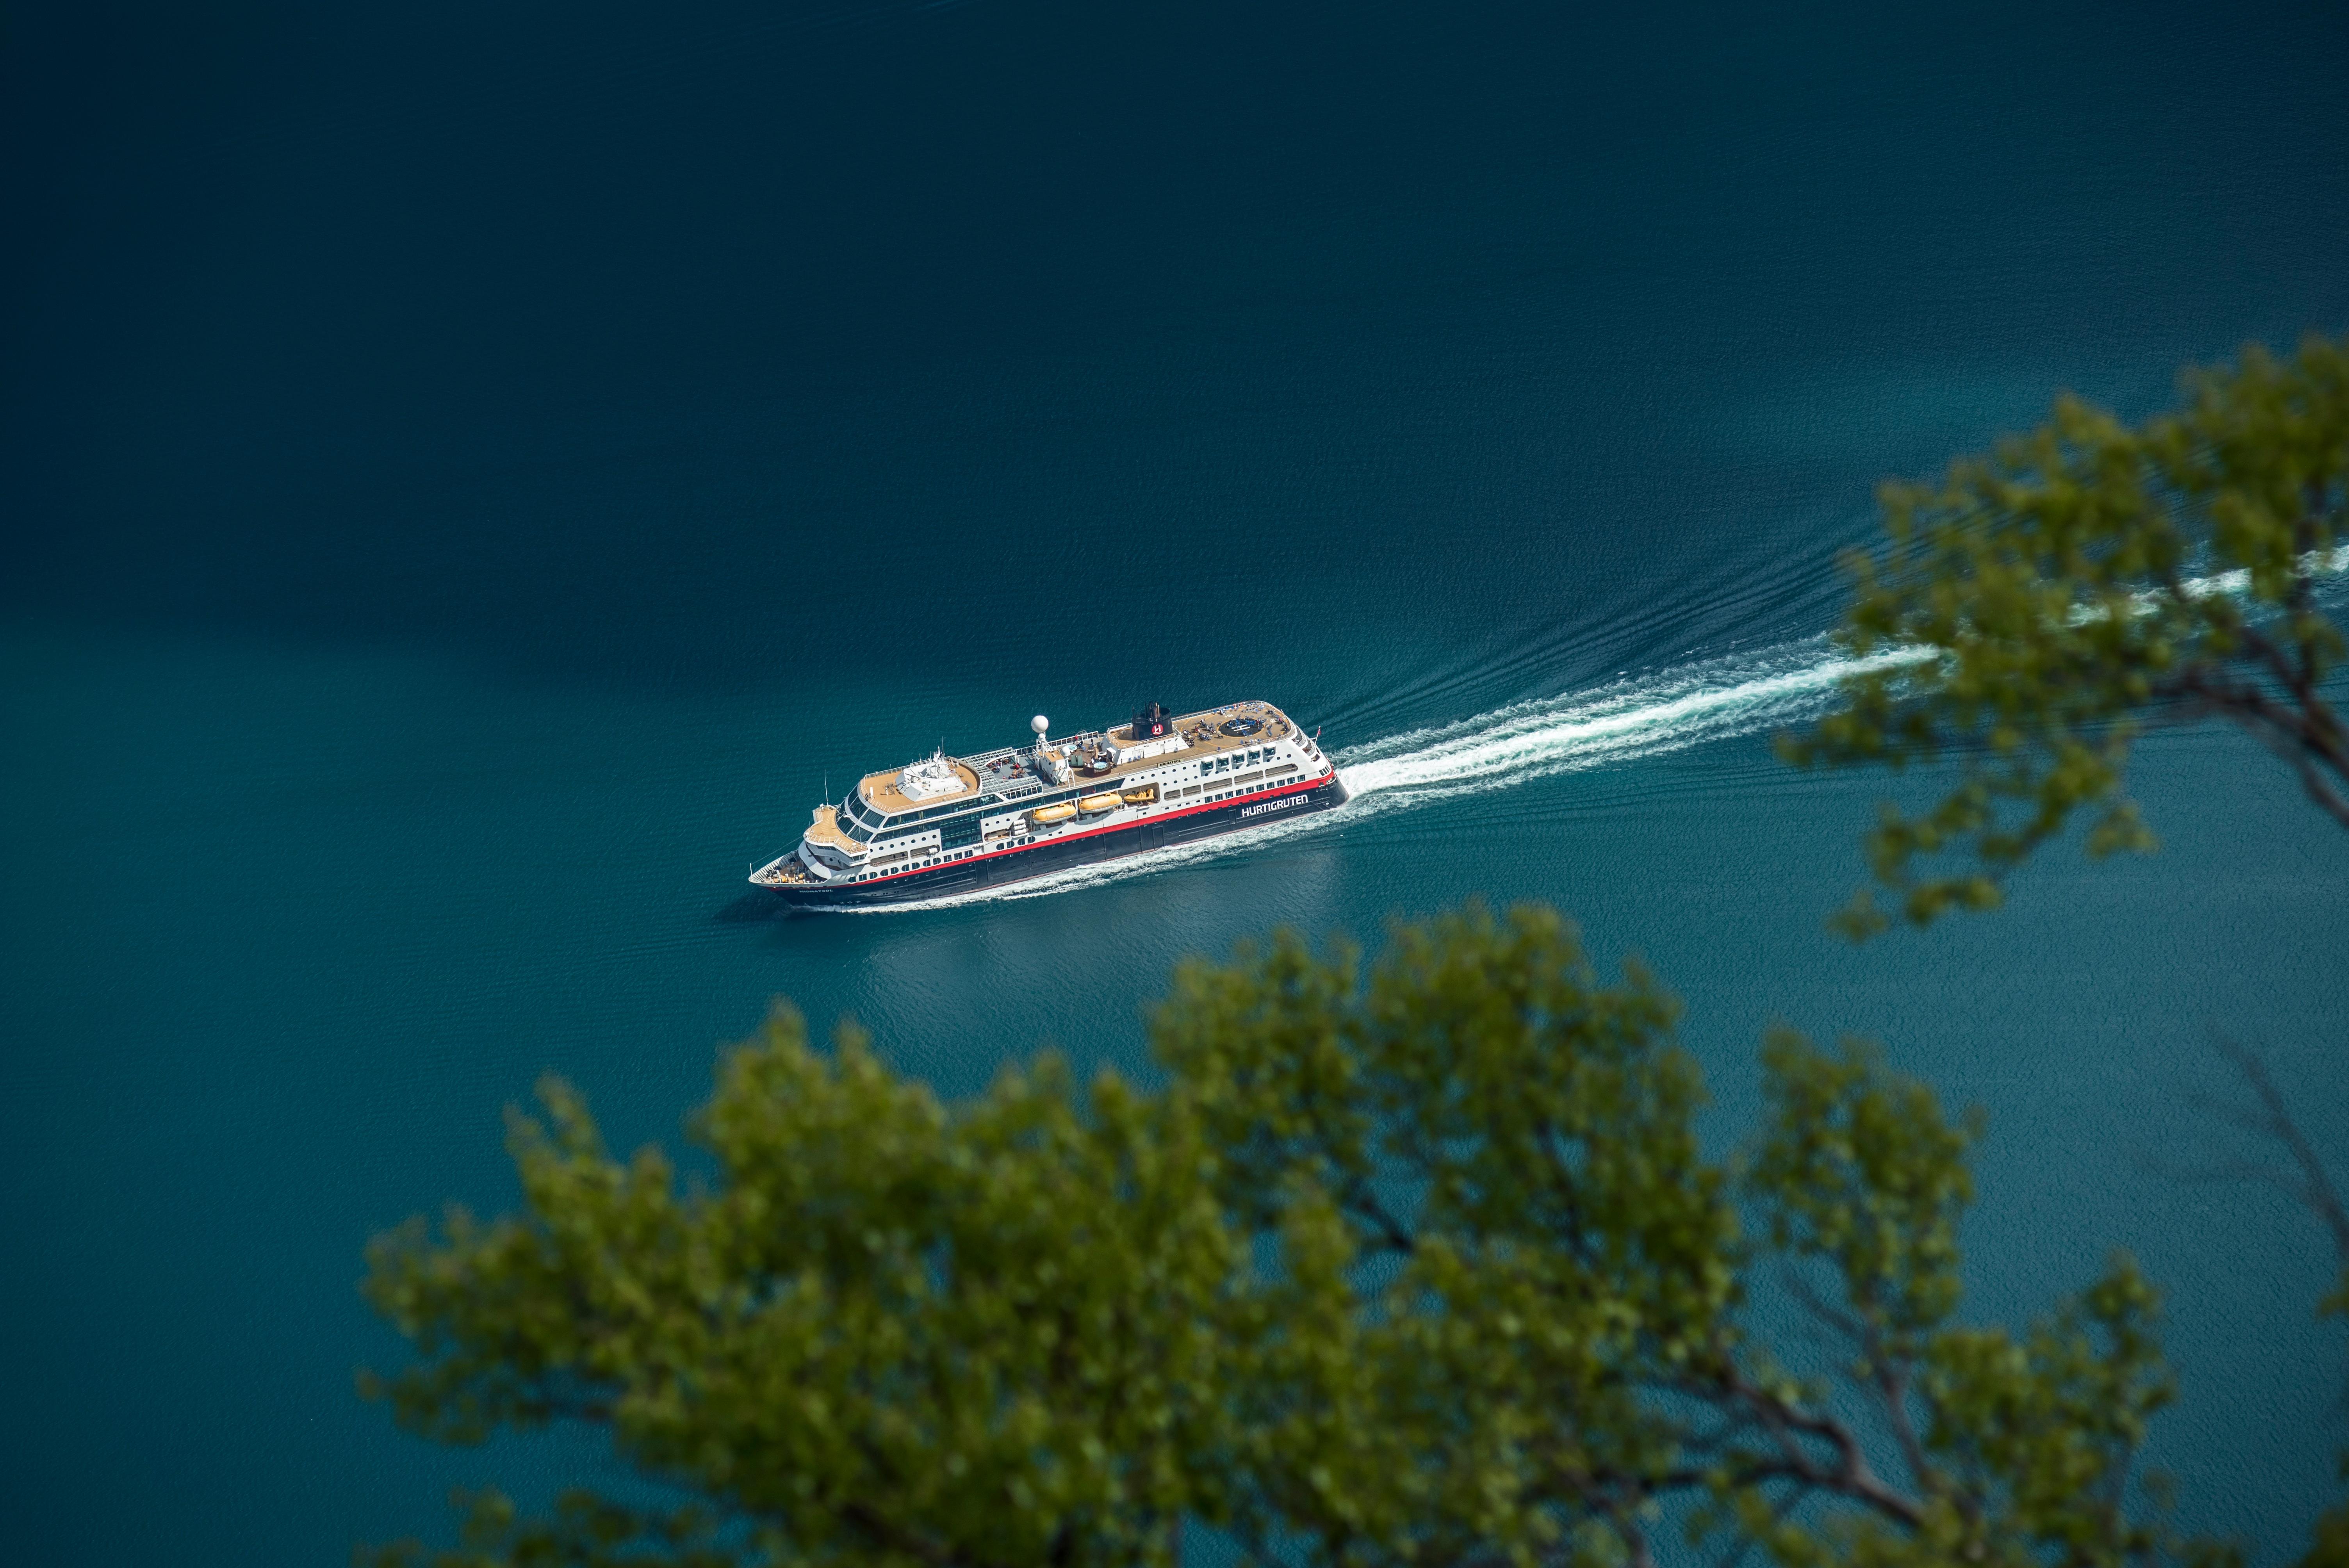 Gambar Laut Air Refleksi Kendaraan Pelayaran Berlayar